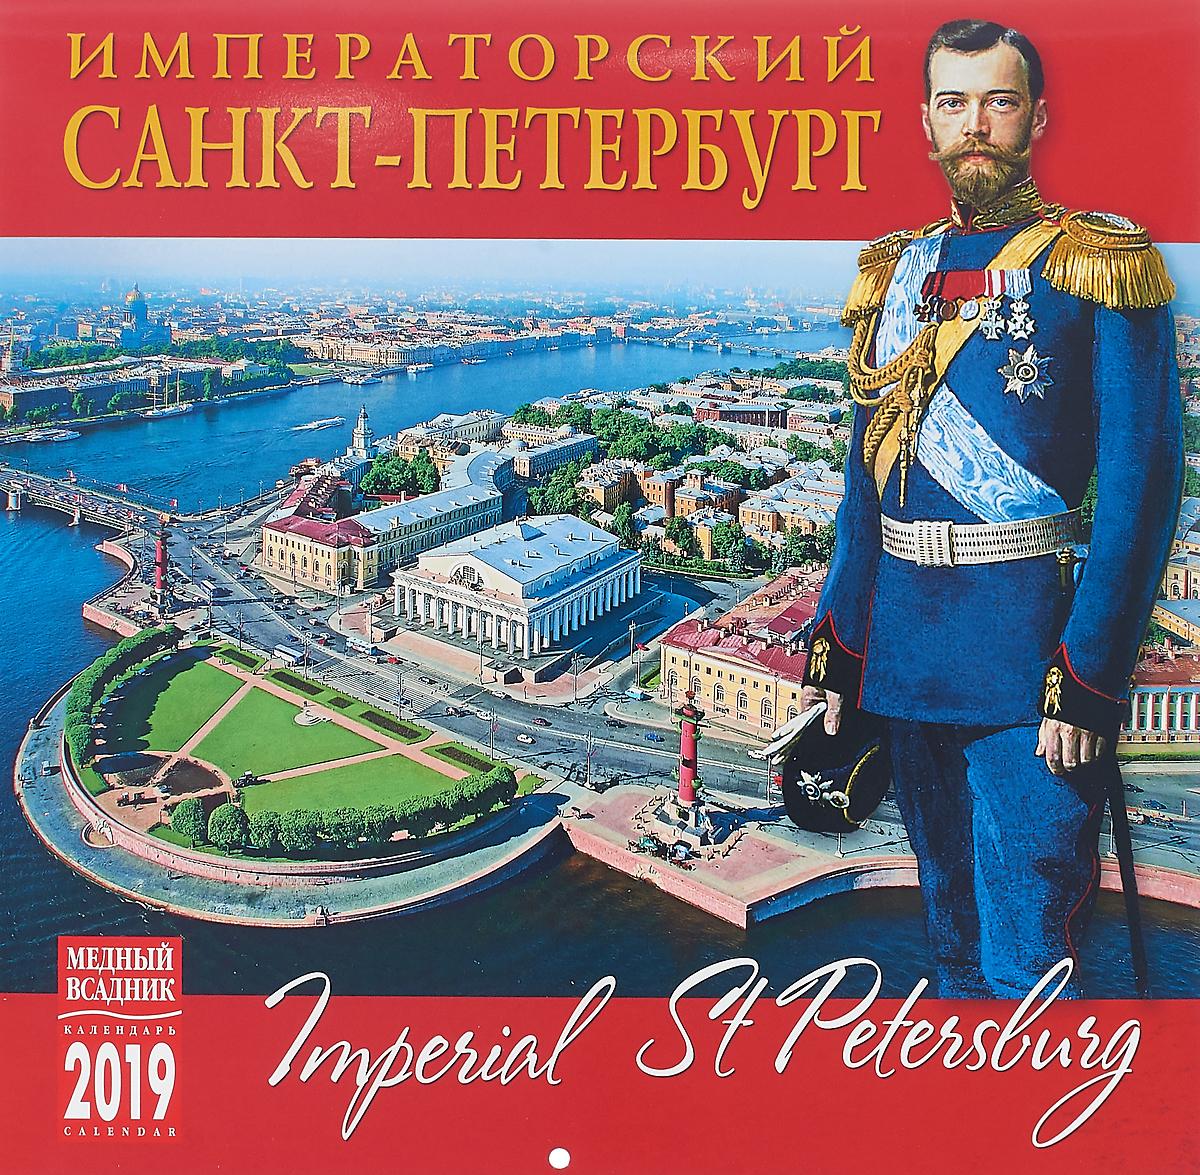 Календарь на спирали на 2019 год. Императорский Санкт-Петербург календарь на спирали кр23 на 2019 год санкт петербург в акварелях [кр23 19014]